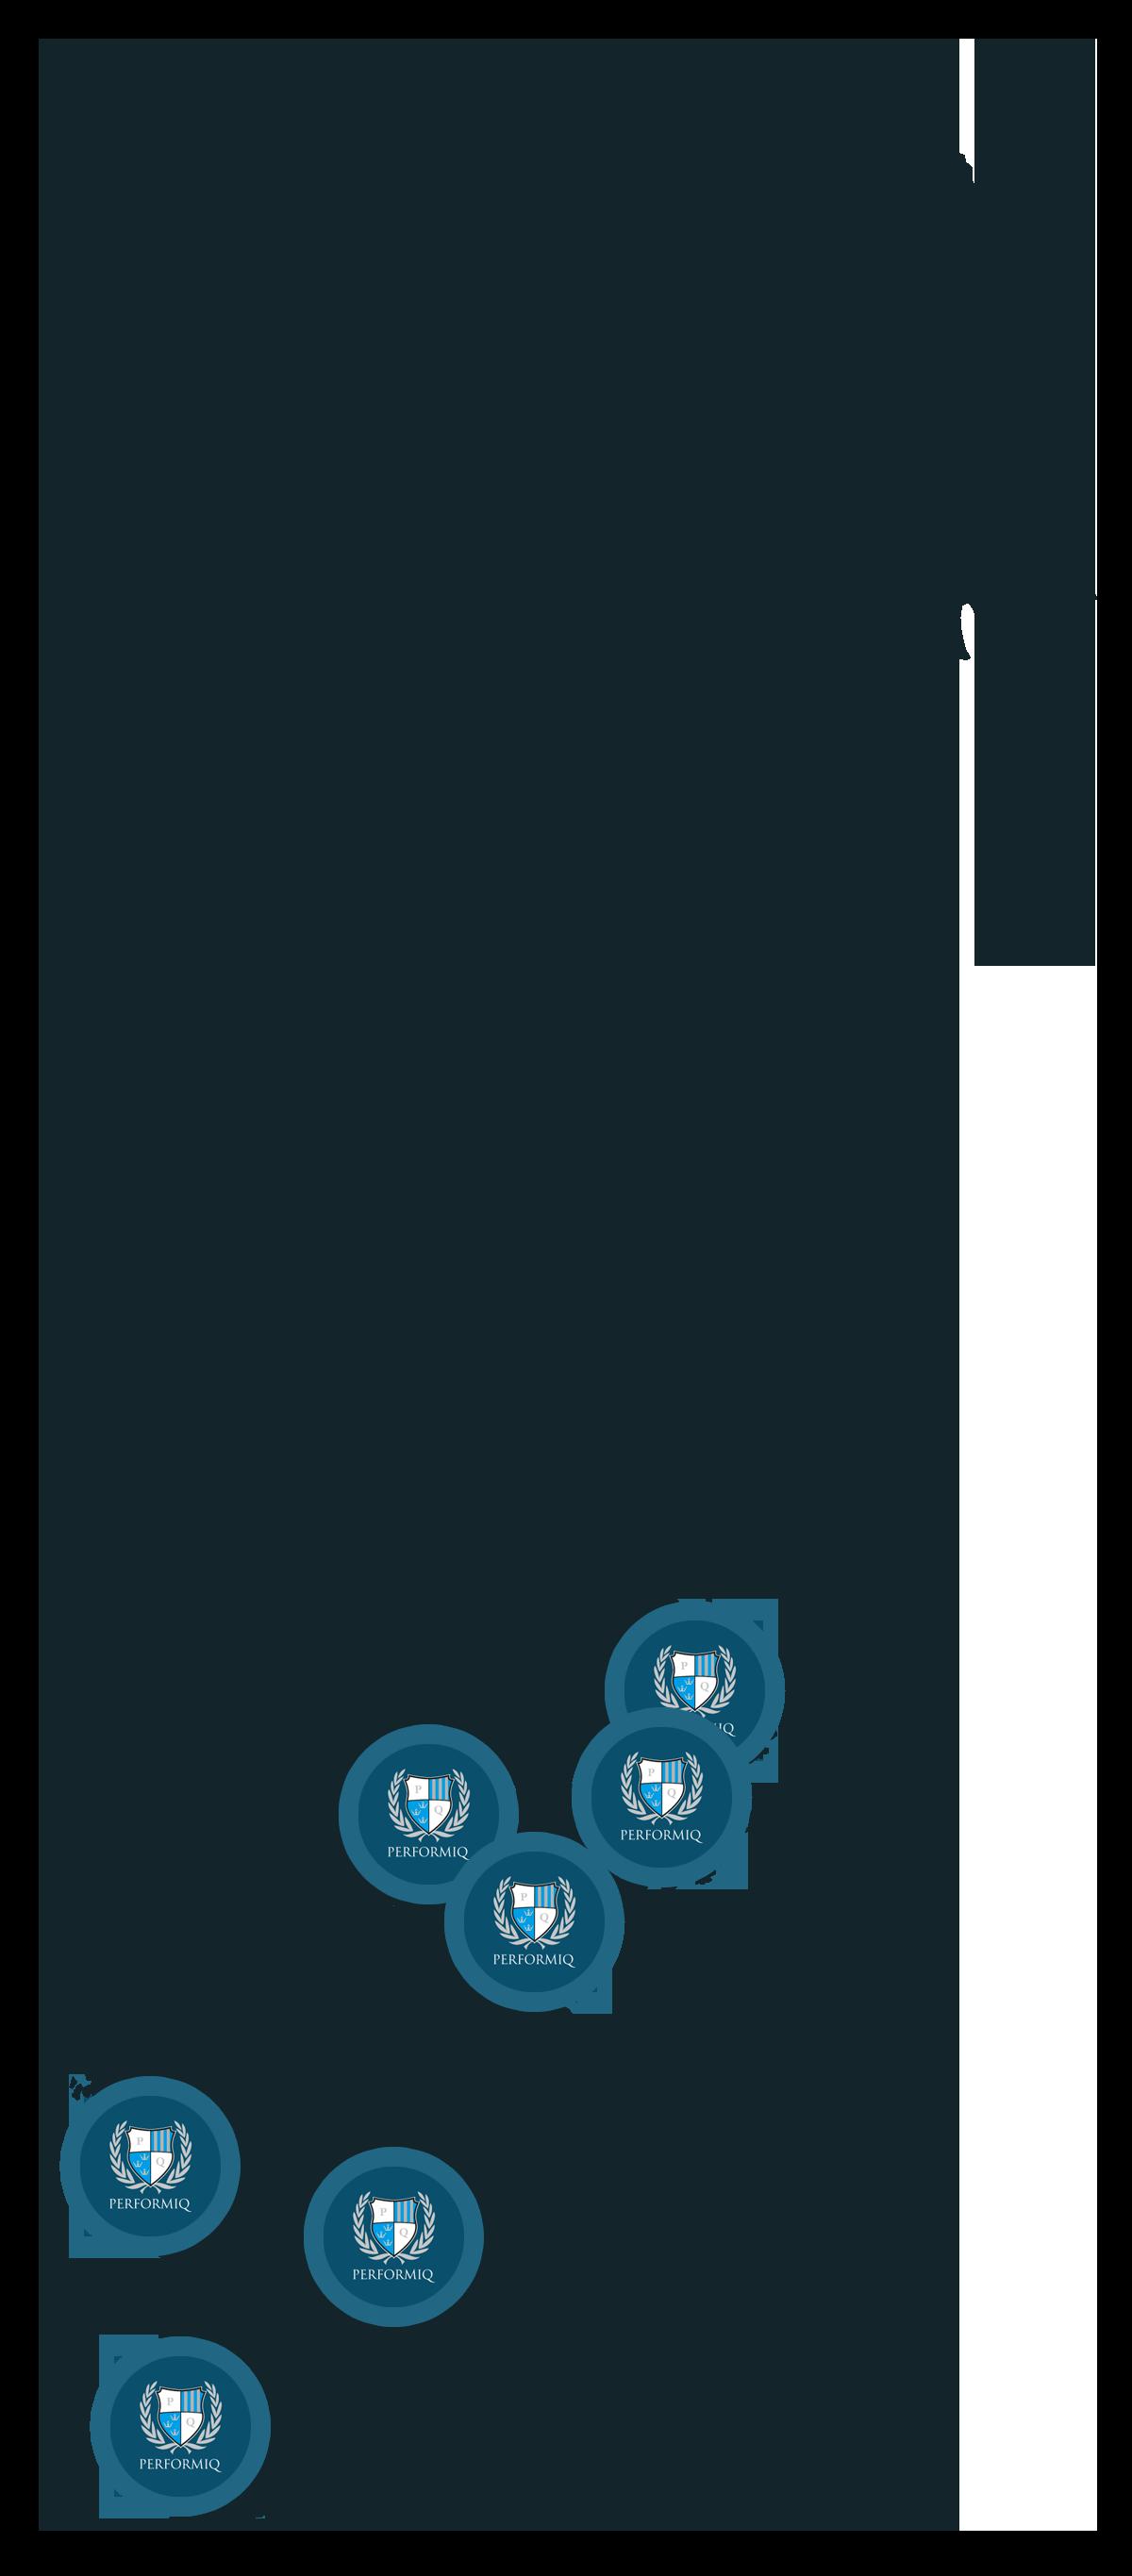 PerformIQ har kontor runt om i Sverige, hitta ditt närmaste kontor här.